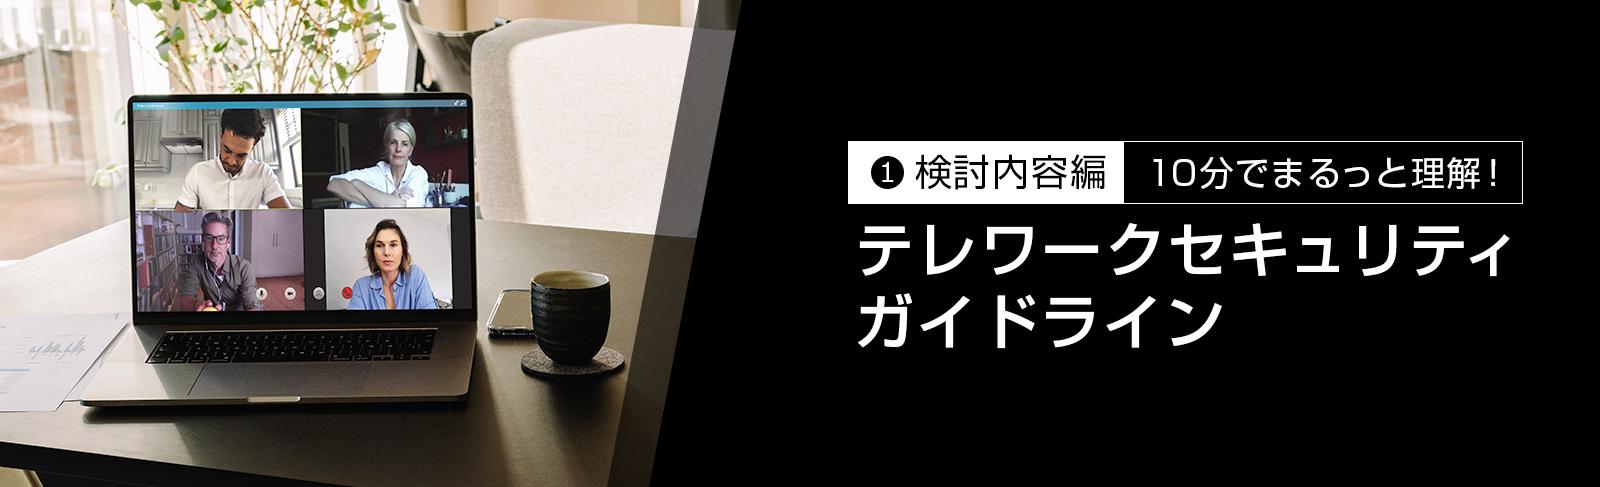 【10分でまるっと理解!】テレワークセキュリティガイドライン~検討内容編~